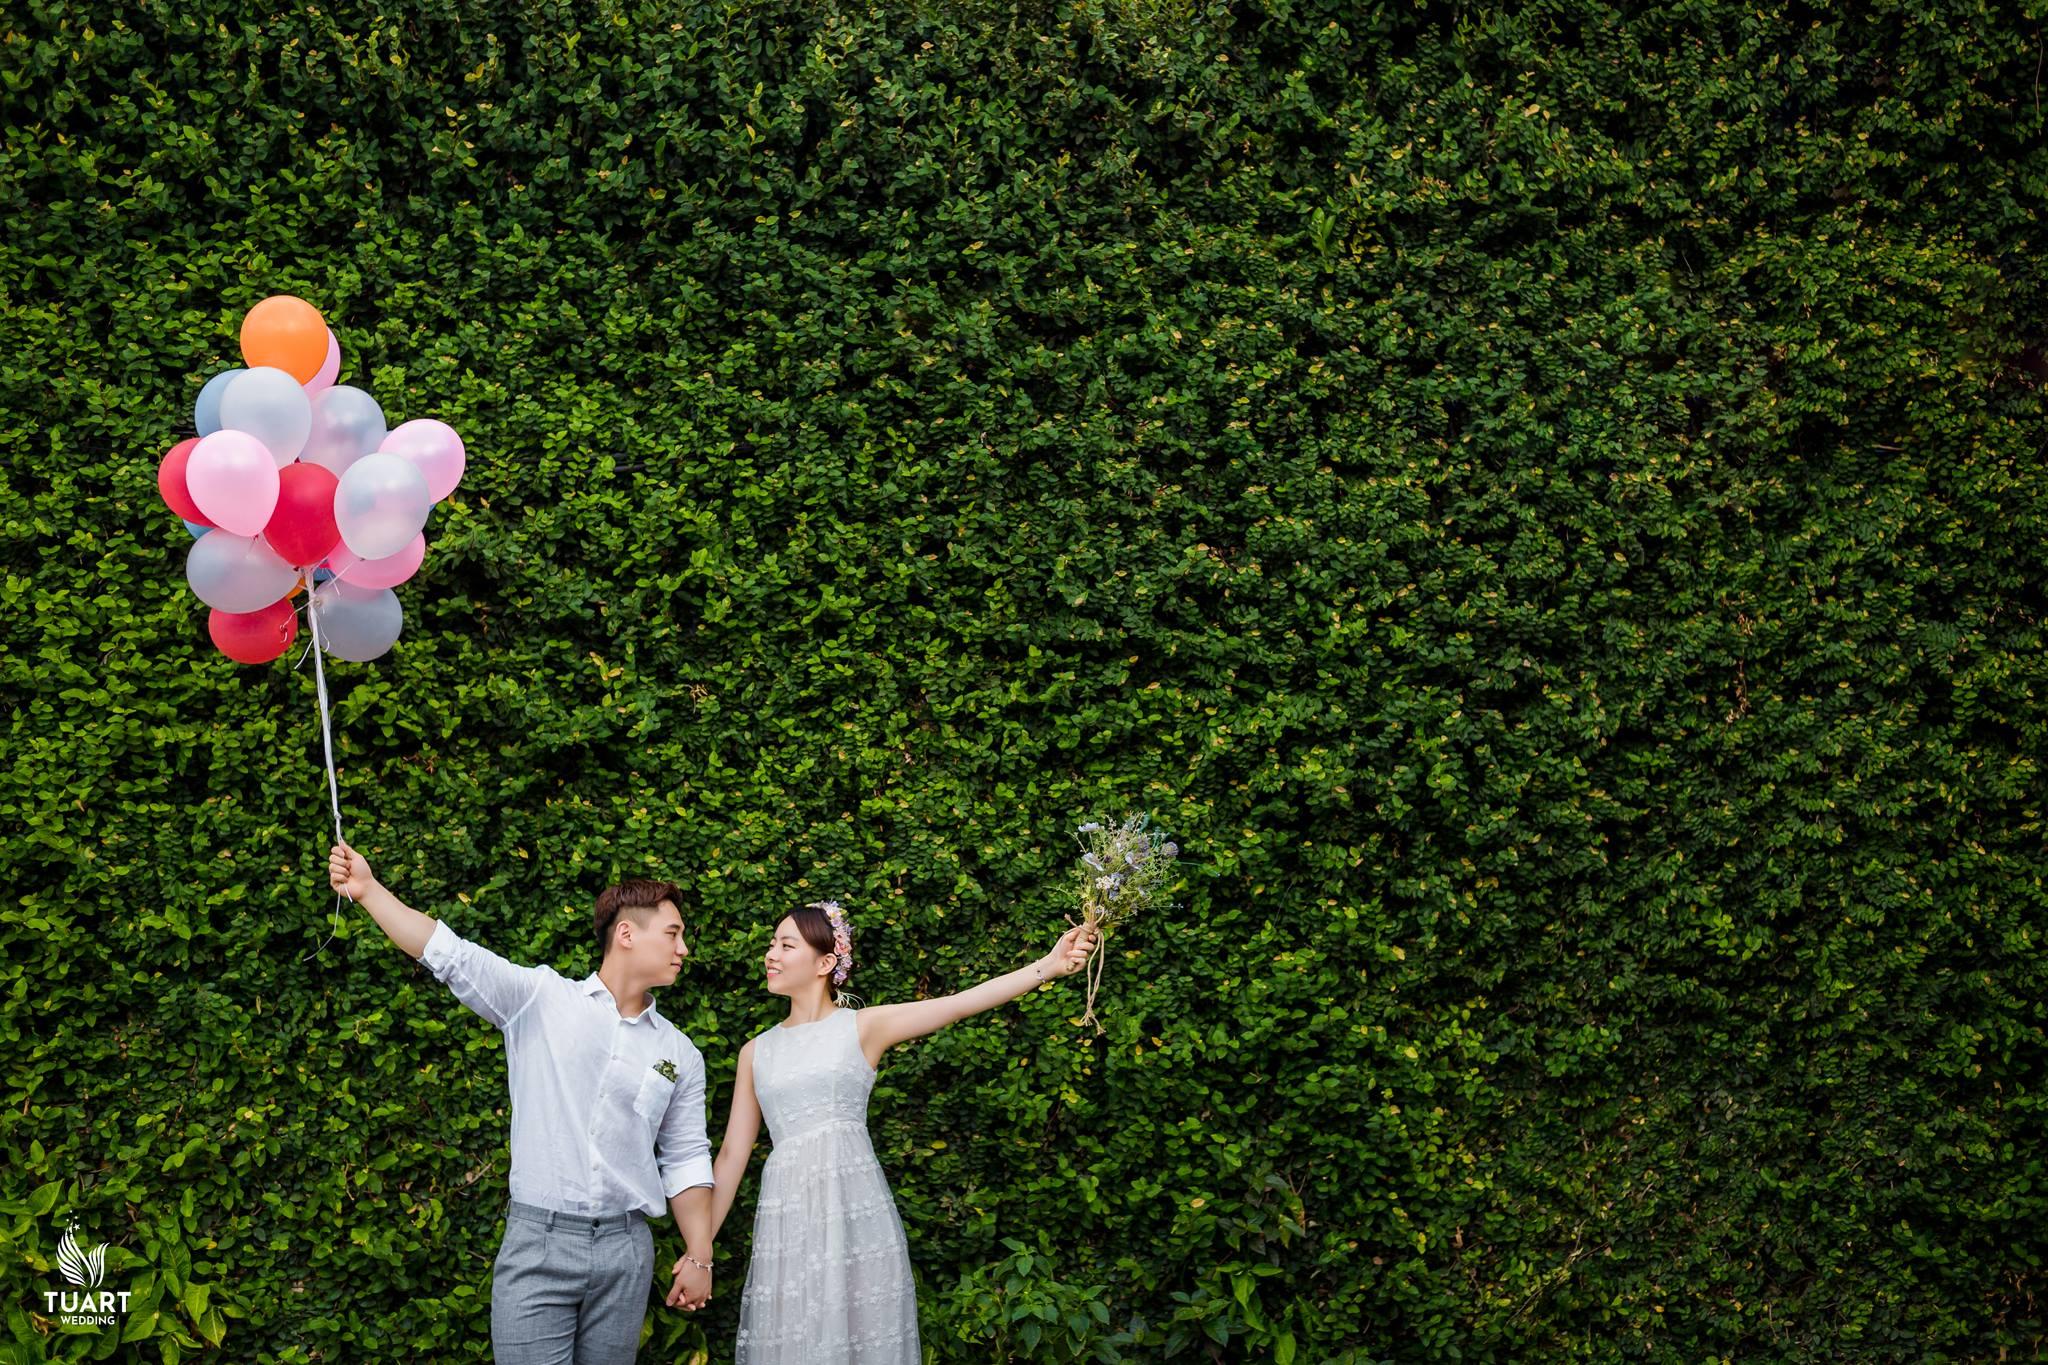 10 Lời khuyên bổ ích để có một bộ ảnh cưới đẹp và tiết kiệm